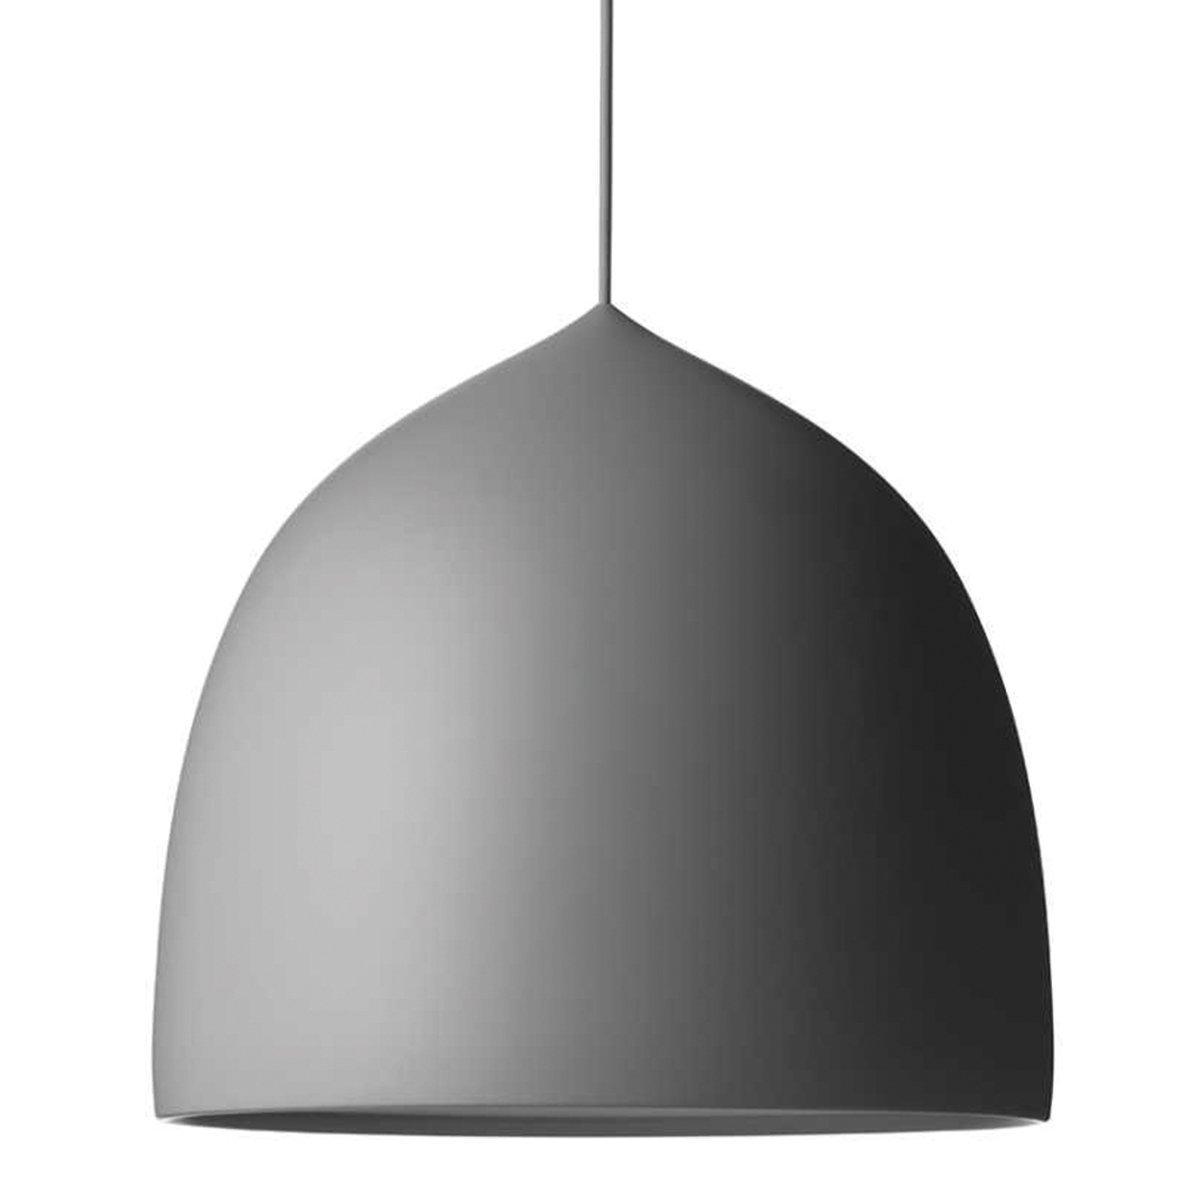 Lightyears Suspence Hanglamp P2 Grijs - Snoer 300 cm.